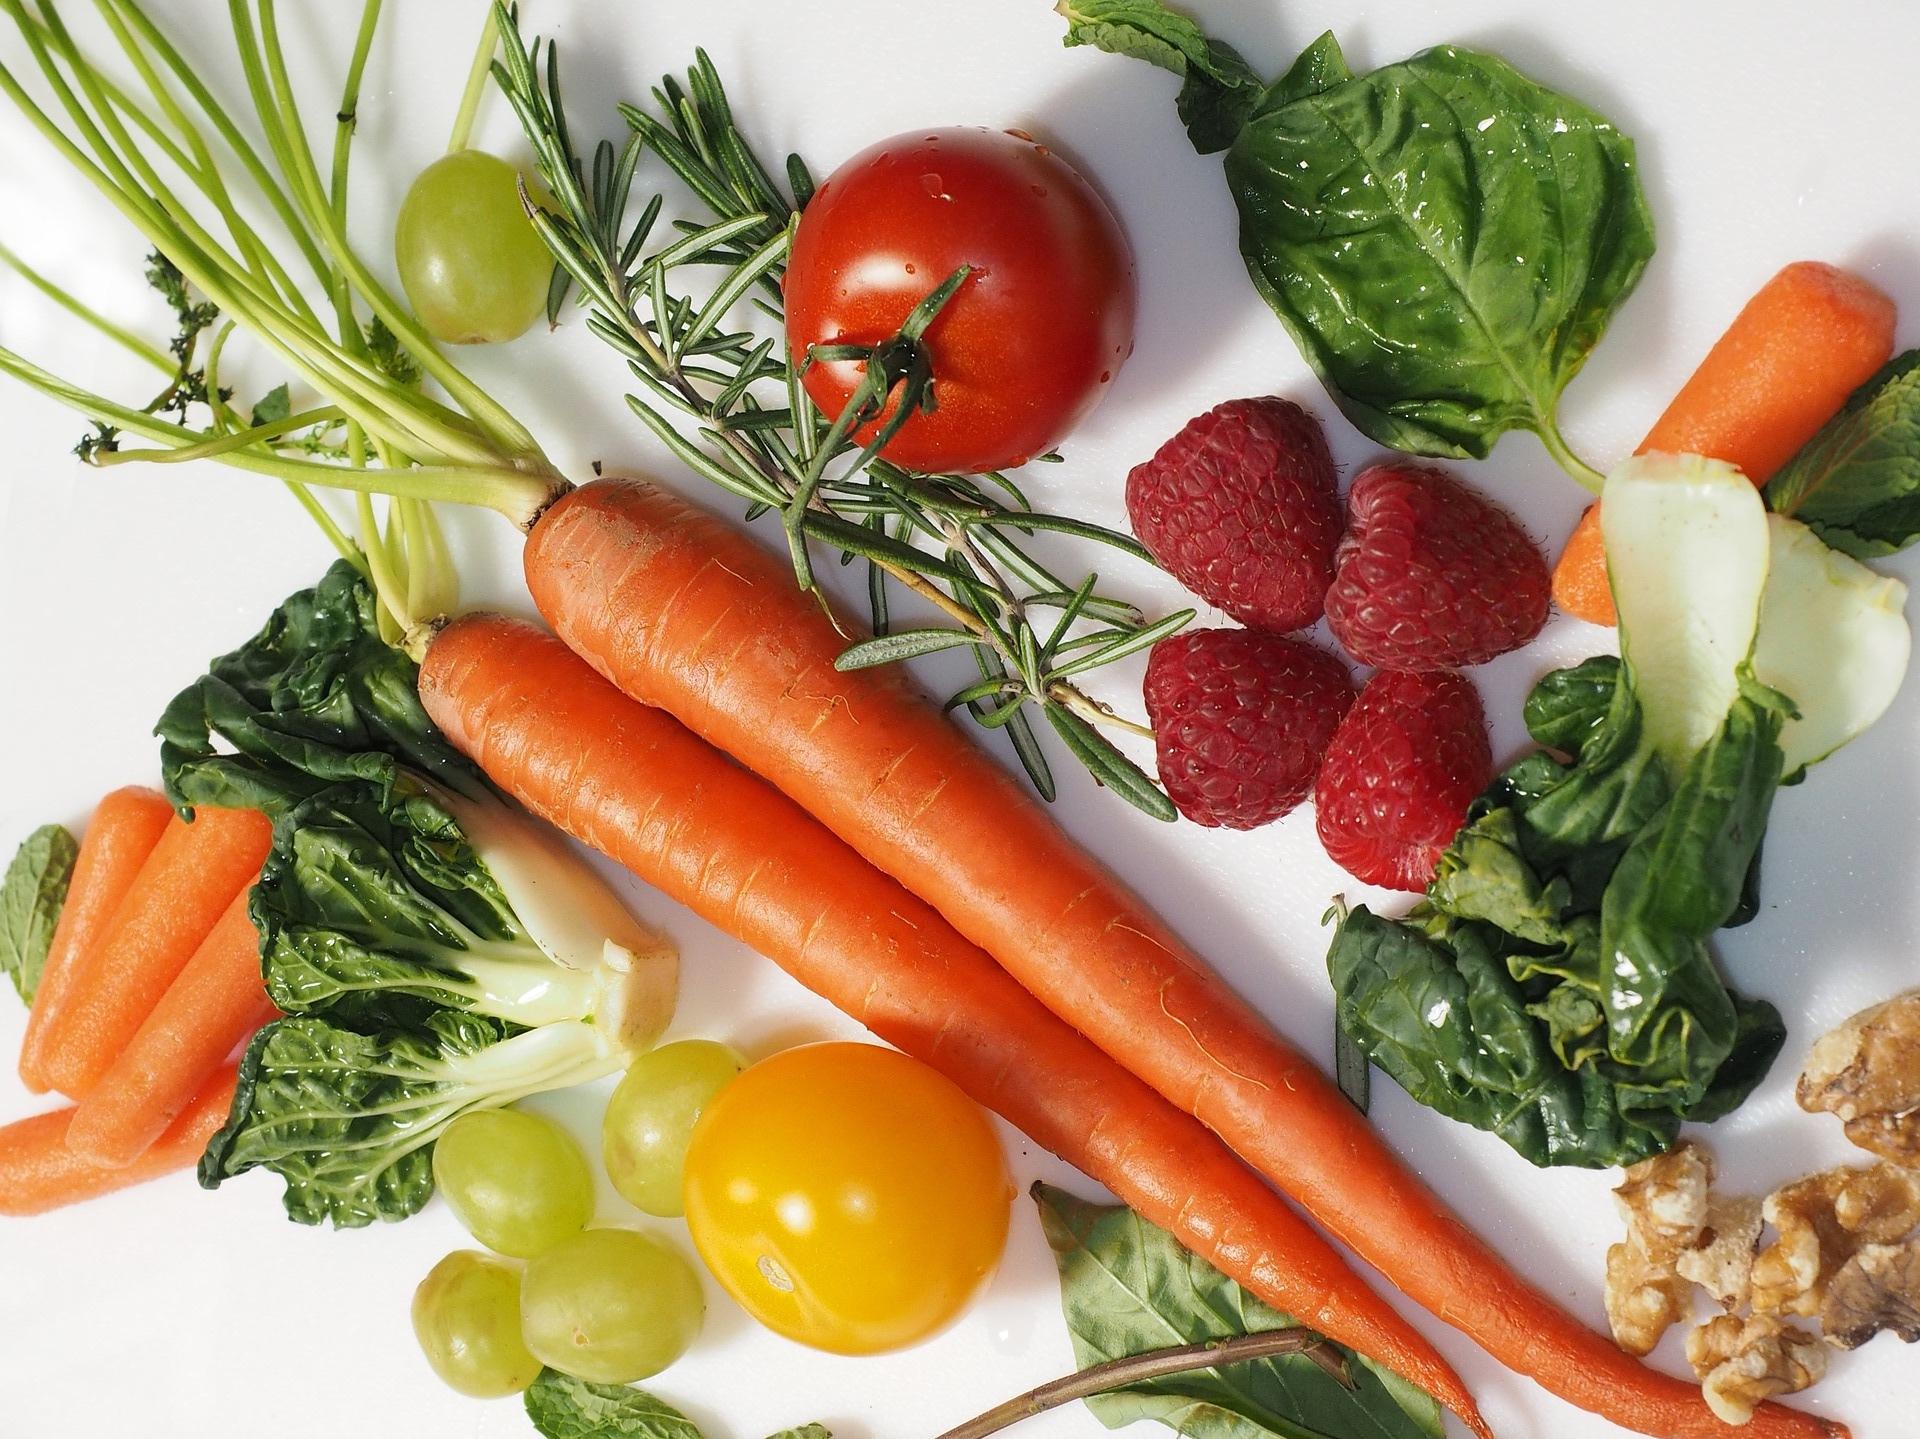 vegetable-1085065_1920.jpg